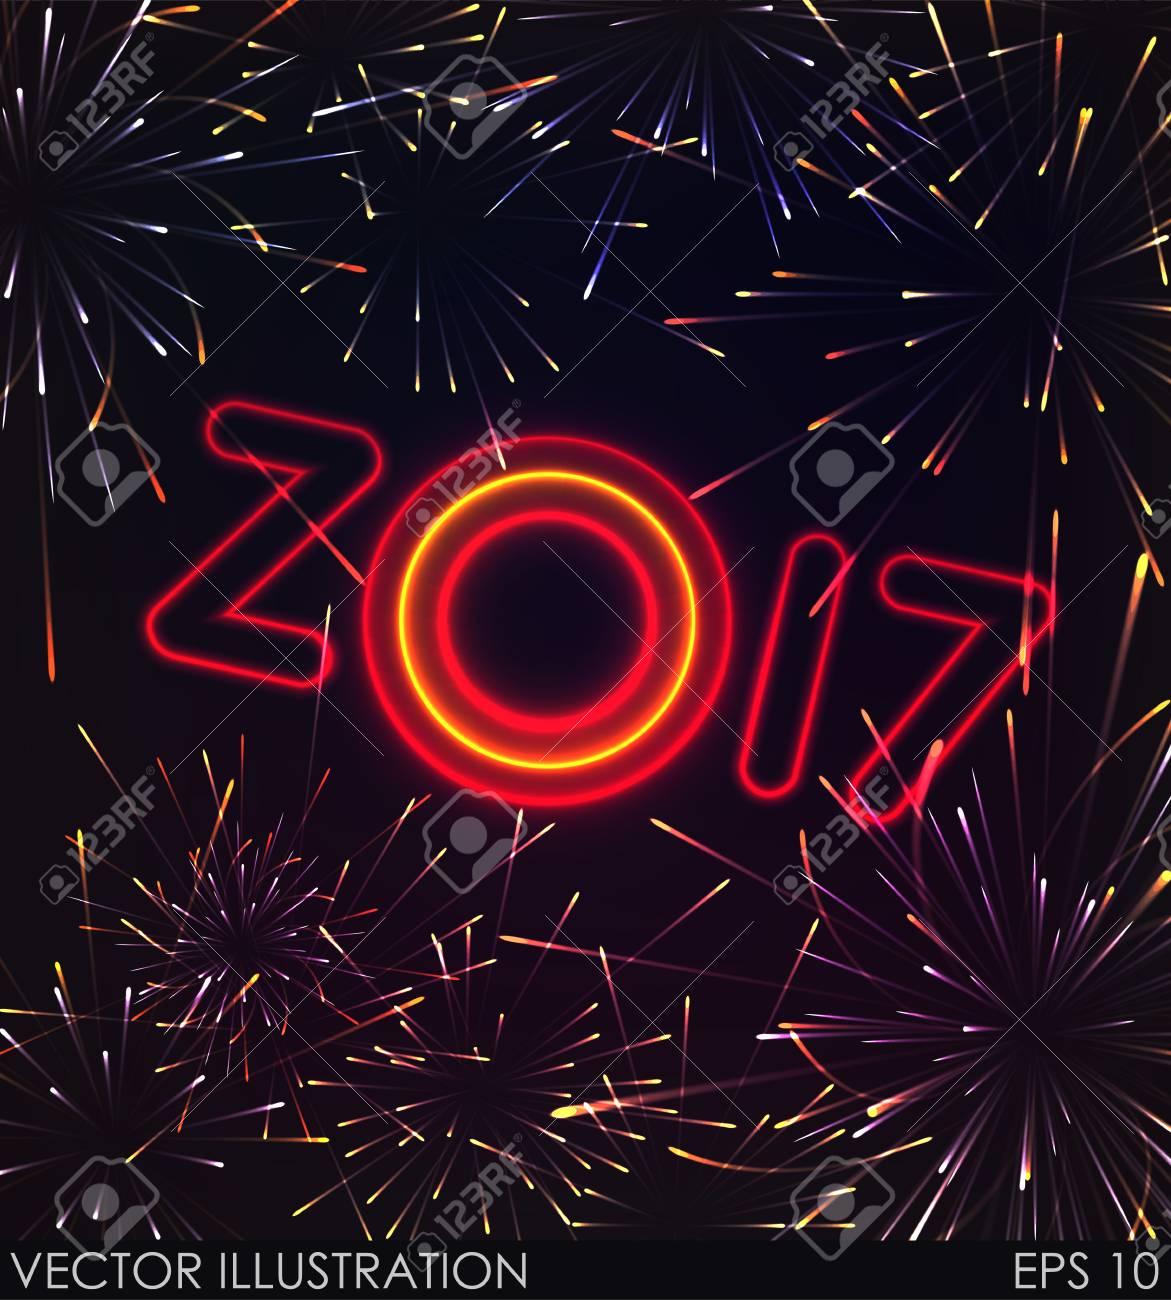 2017 Ano Nuevo Diseno Brillantes Fuegos Artificiales Efectos De